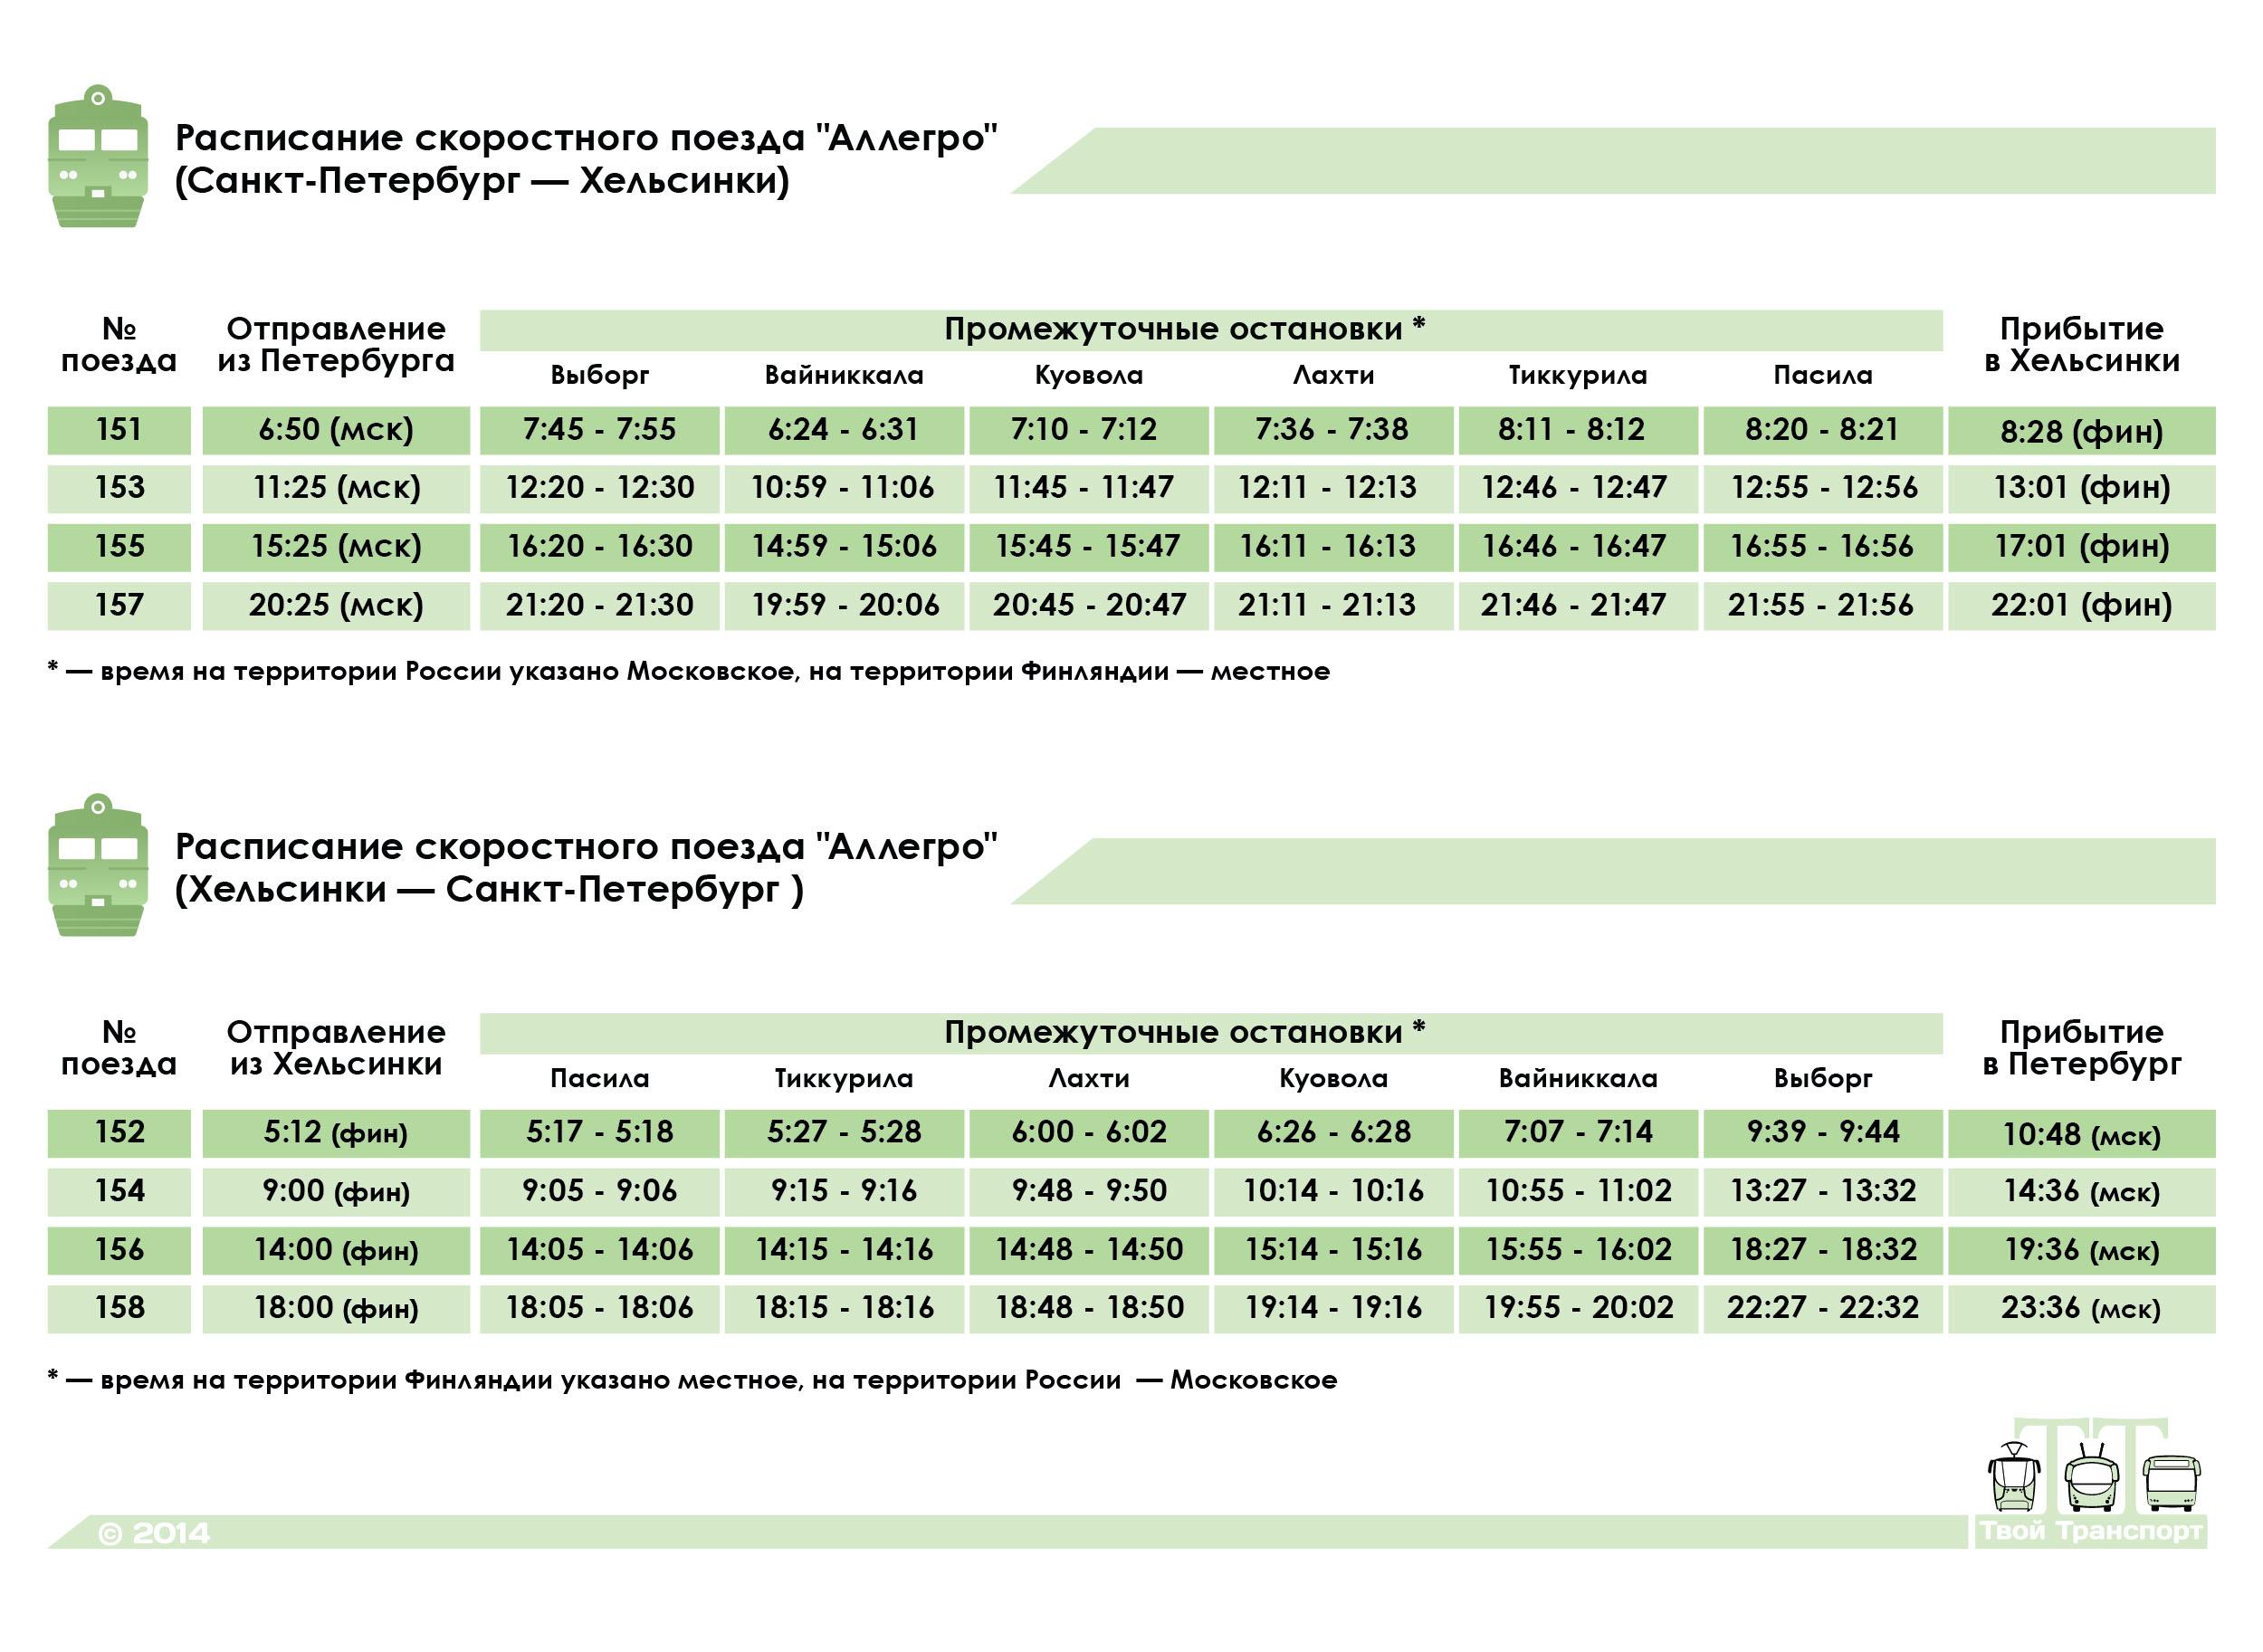 Санкт-Петербург. Расписание движения скоростного поезда Аллегро (Санкт-Петербург — Хельсинки, Хельсинки — Санкт-Петербург), №№151/152, 153/154, 155/156, 157/158